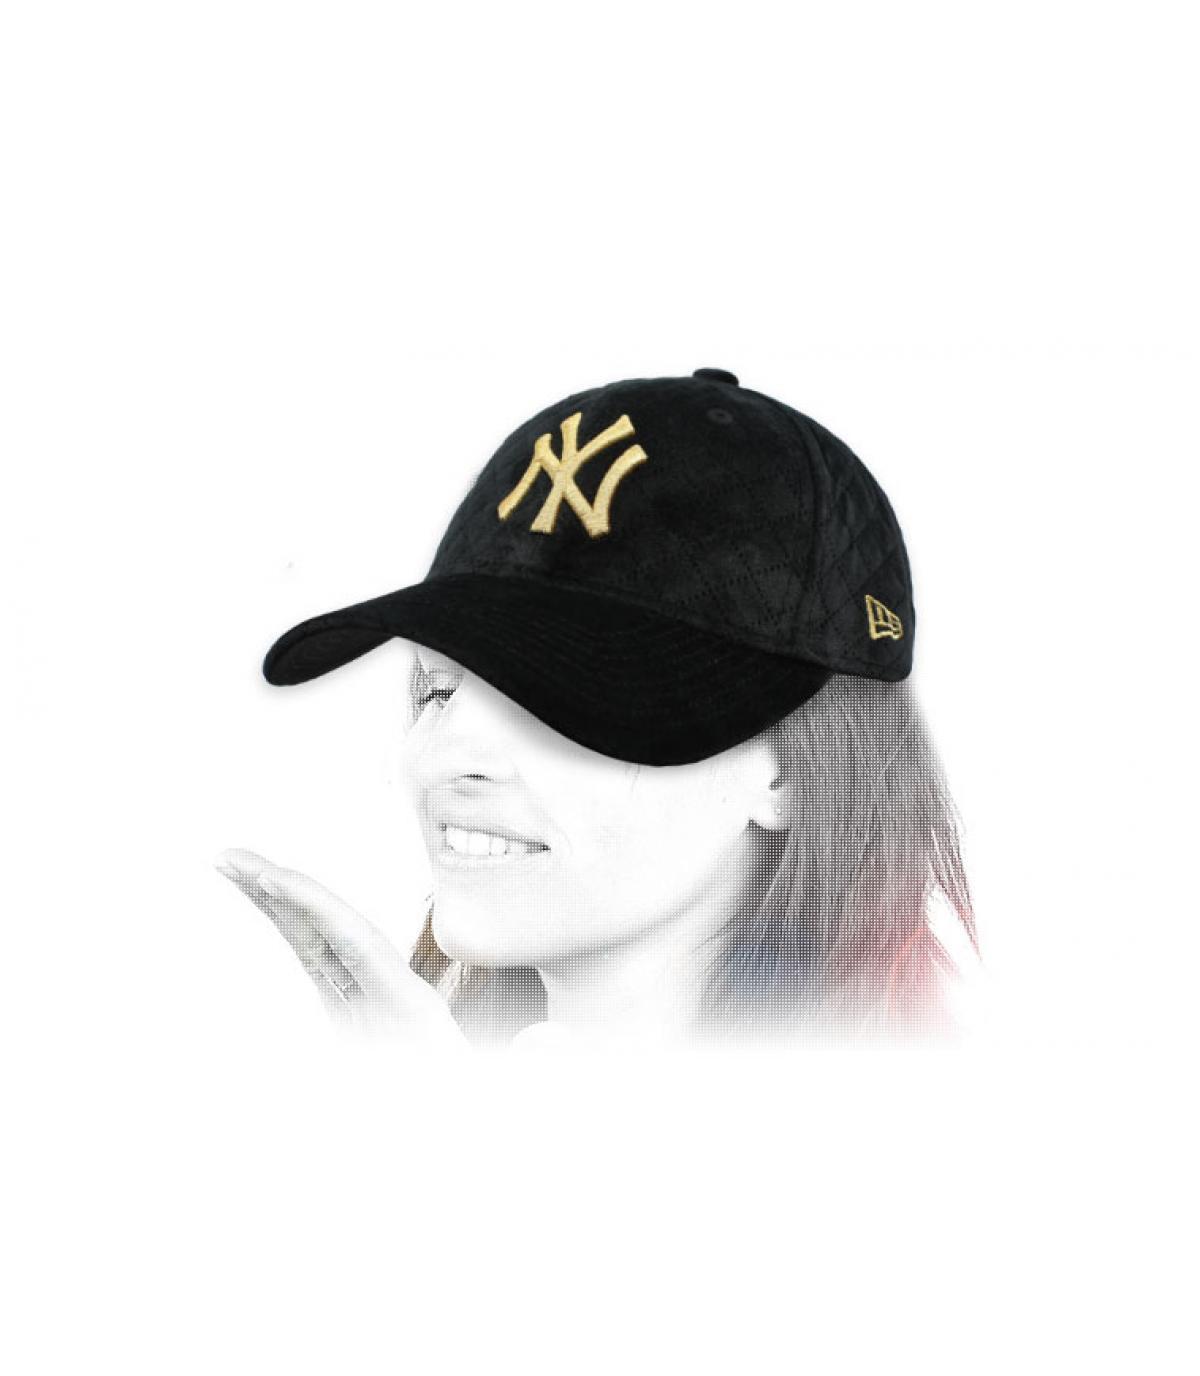 gorra mujer NY negro